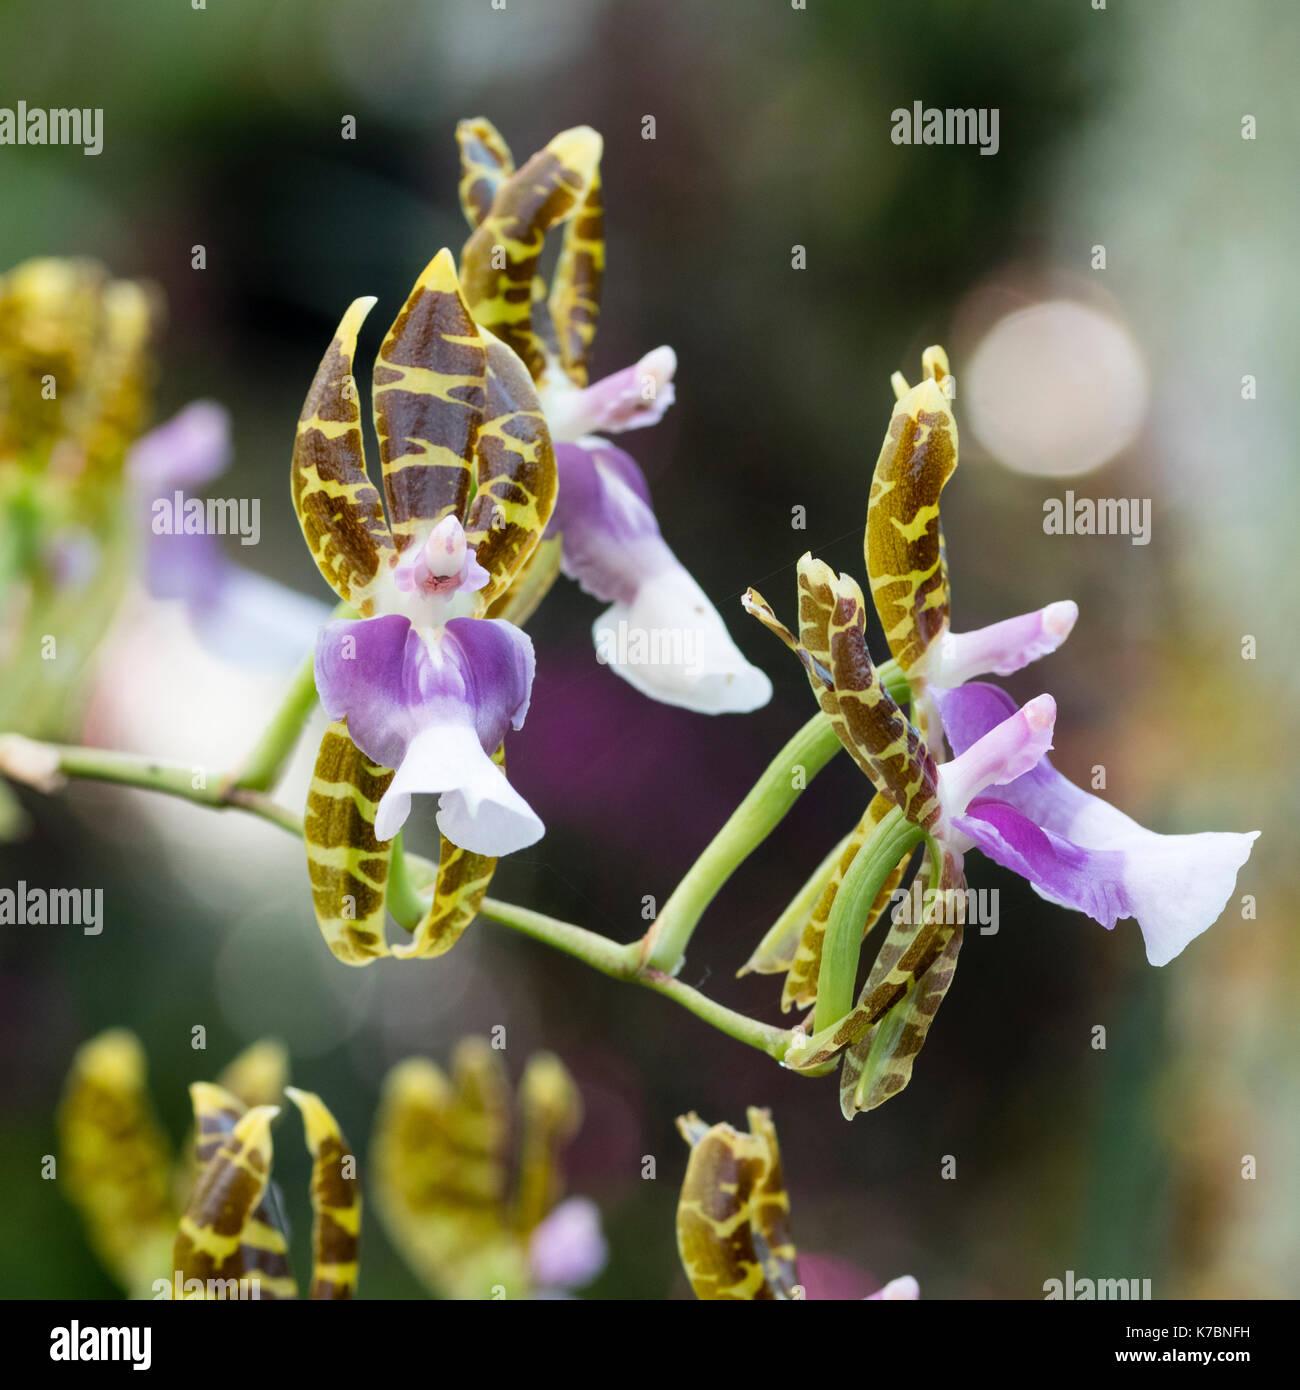 Blumen des kühlen Sommer blühende epiphytisch wachsende, Orchidee, Miltonioides laevis (Oncidium laeve) Stockbild